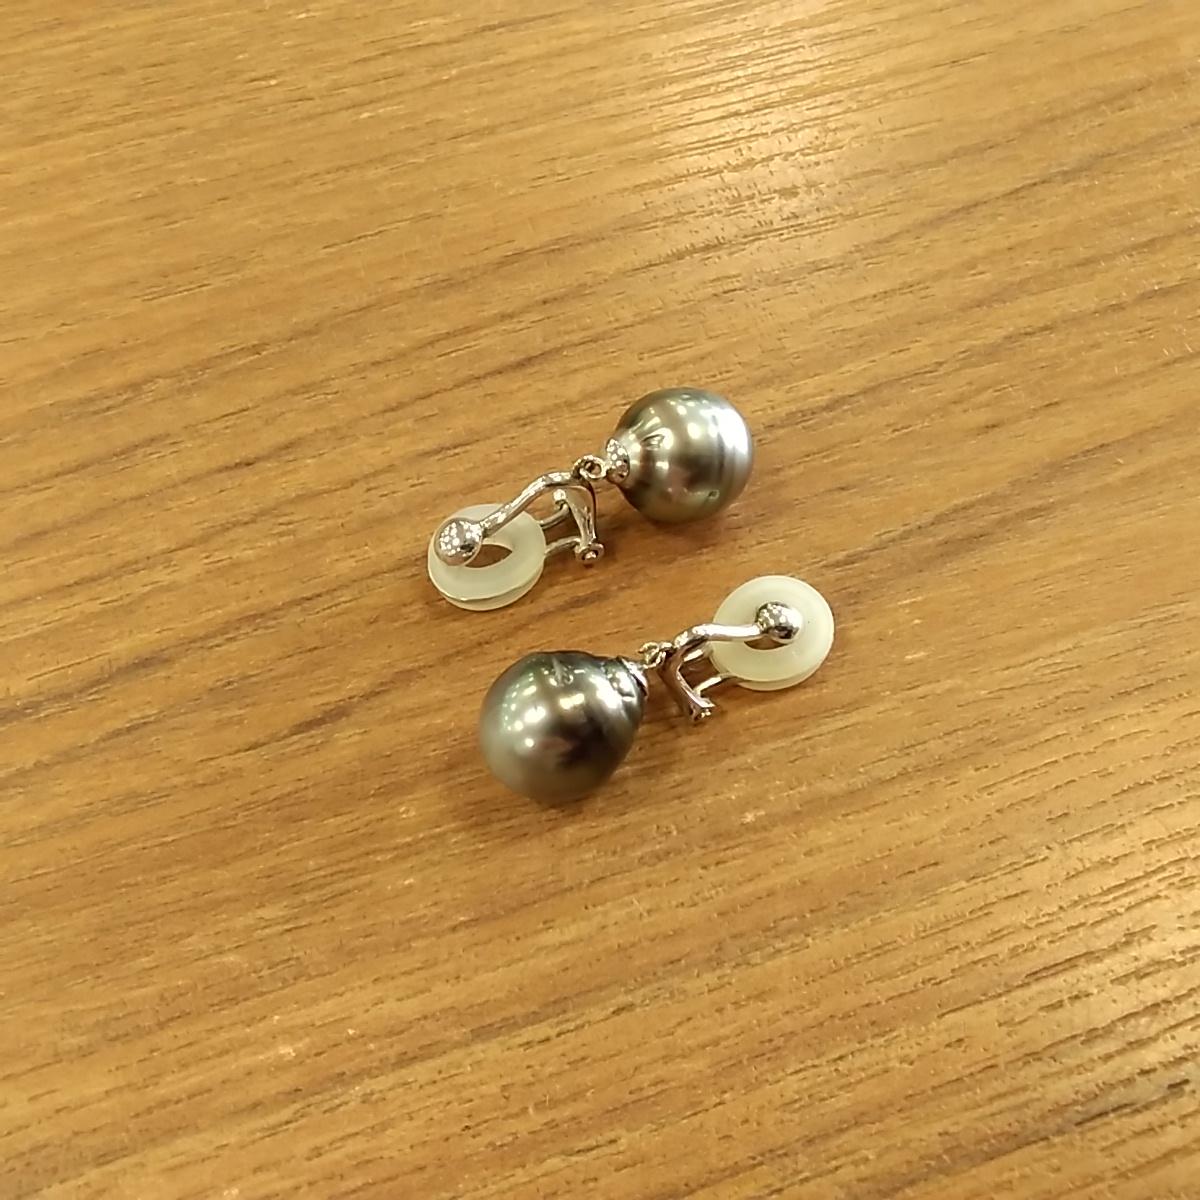 K18ブラックパールイヤリング 宝石付きイヤリング